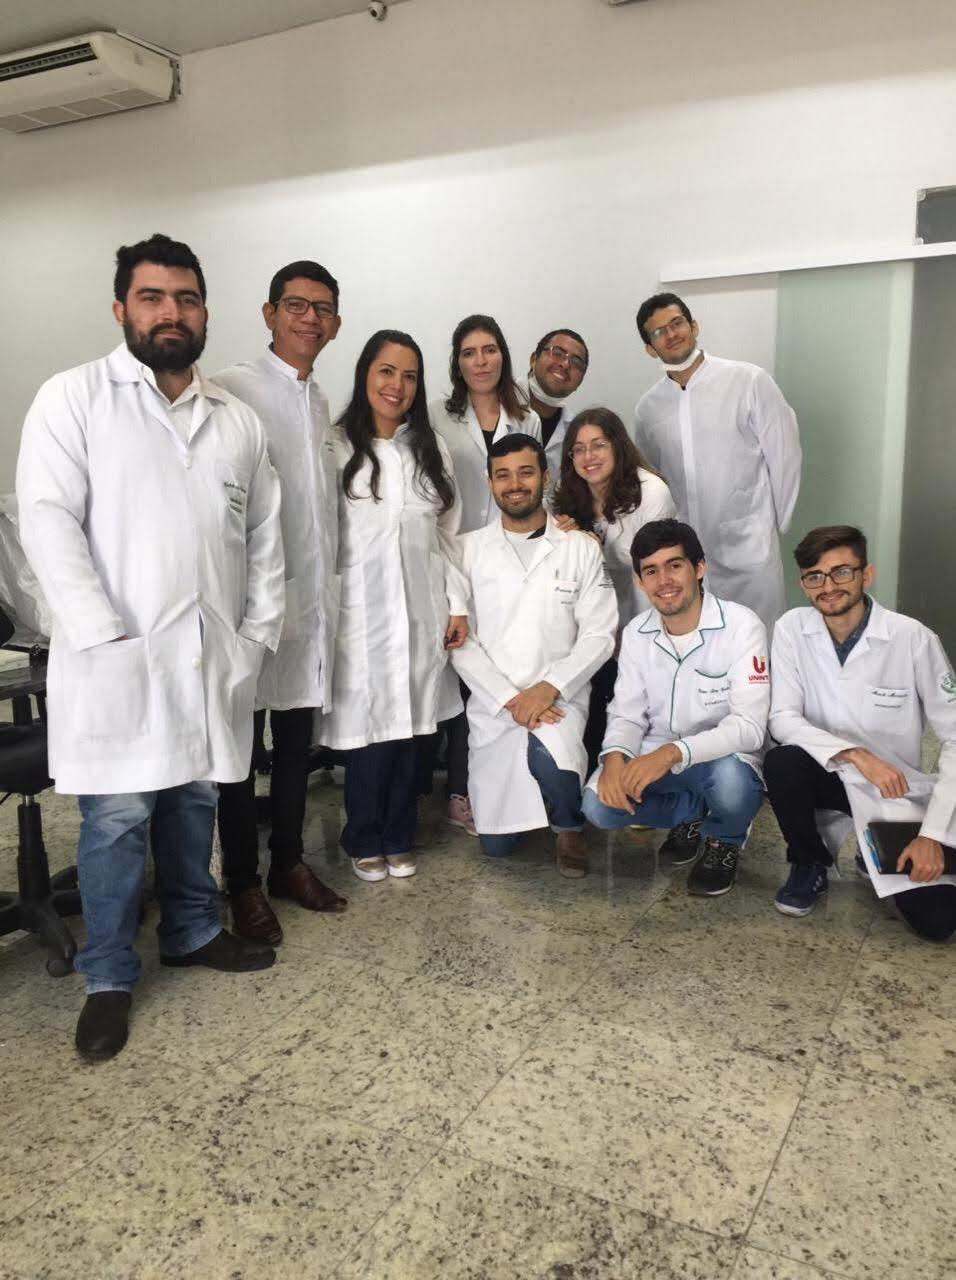 Turmas de 2019 dos alunos do Mestrado em Biotecnologia UNINTA na aula de Microbiologia Aplicada com a docente Prof. Gleciane pós- doutoranda do Mestrado em Biotecnologia